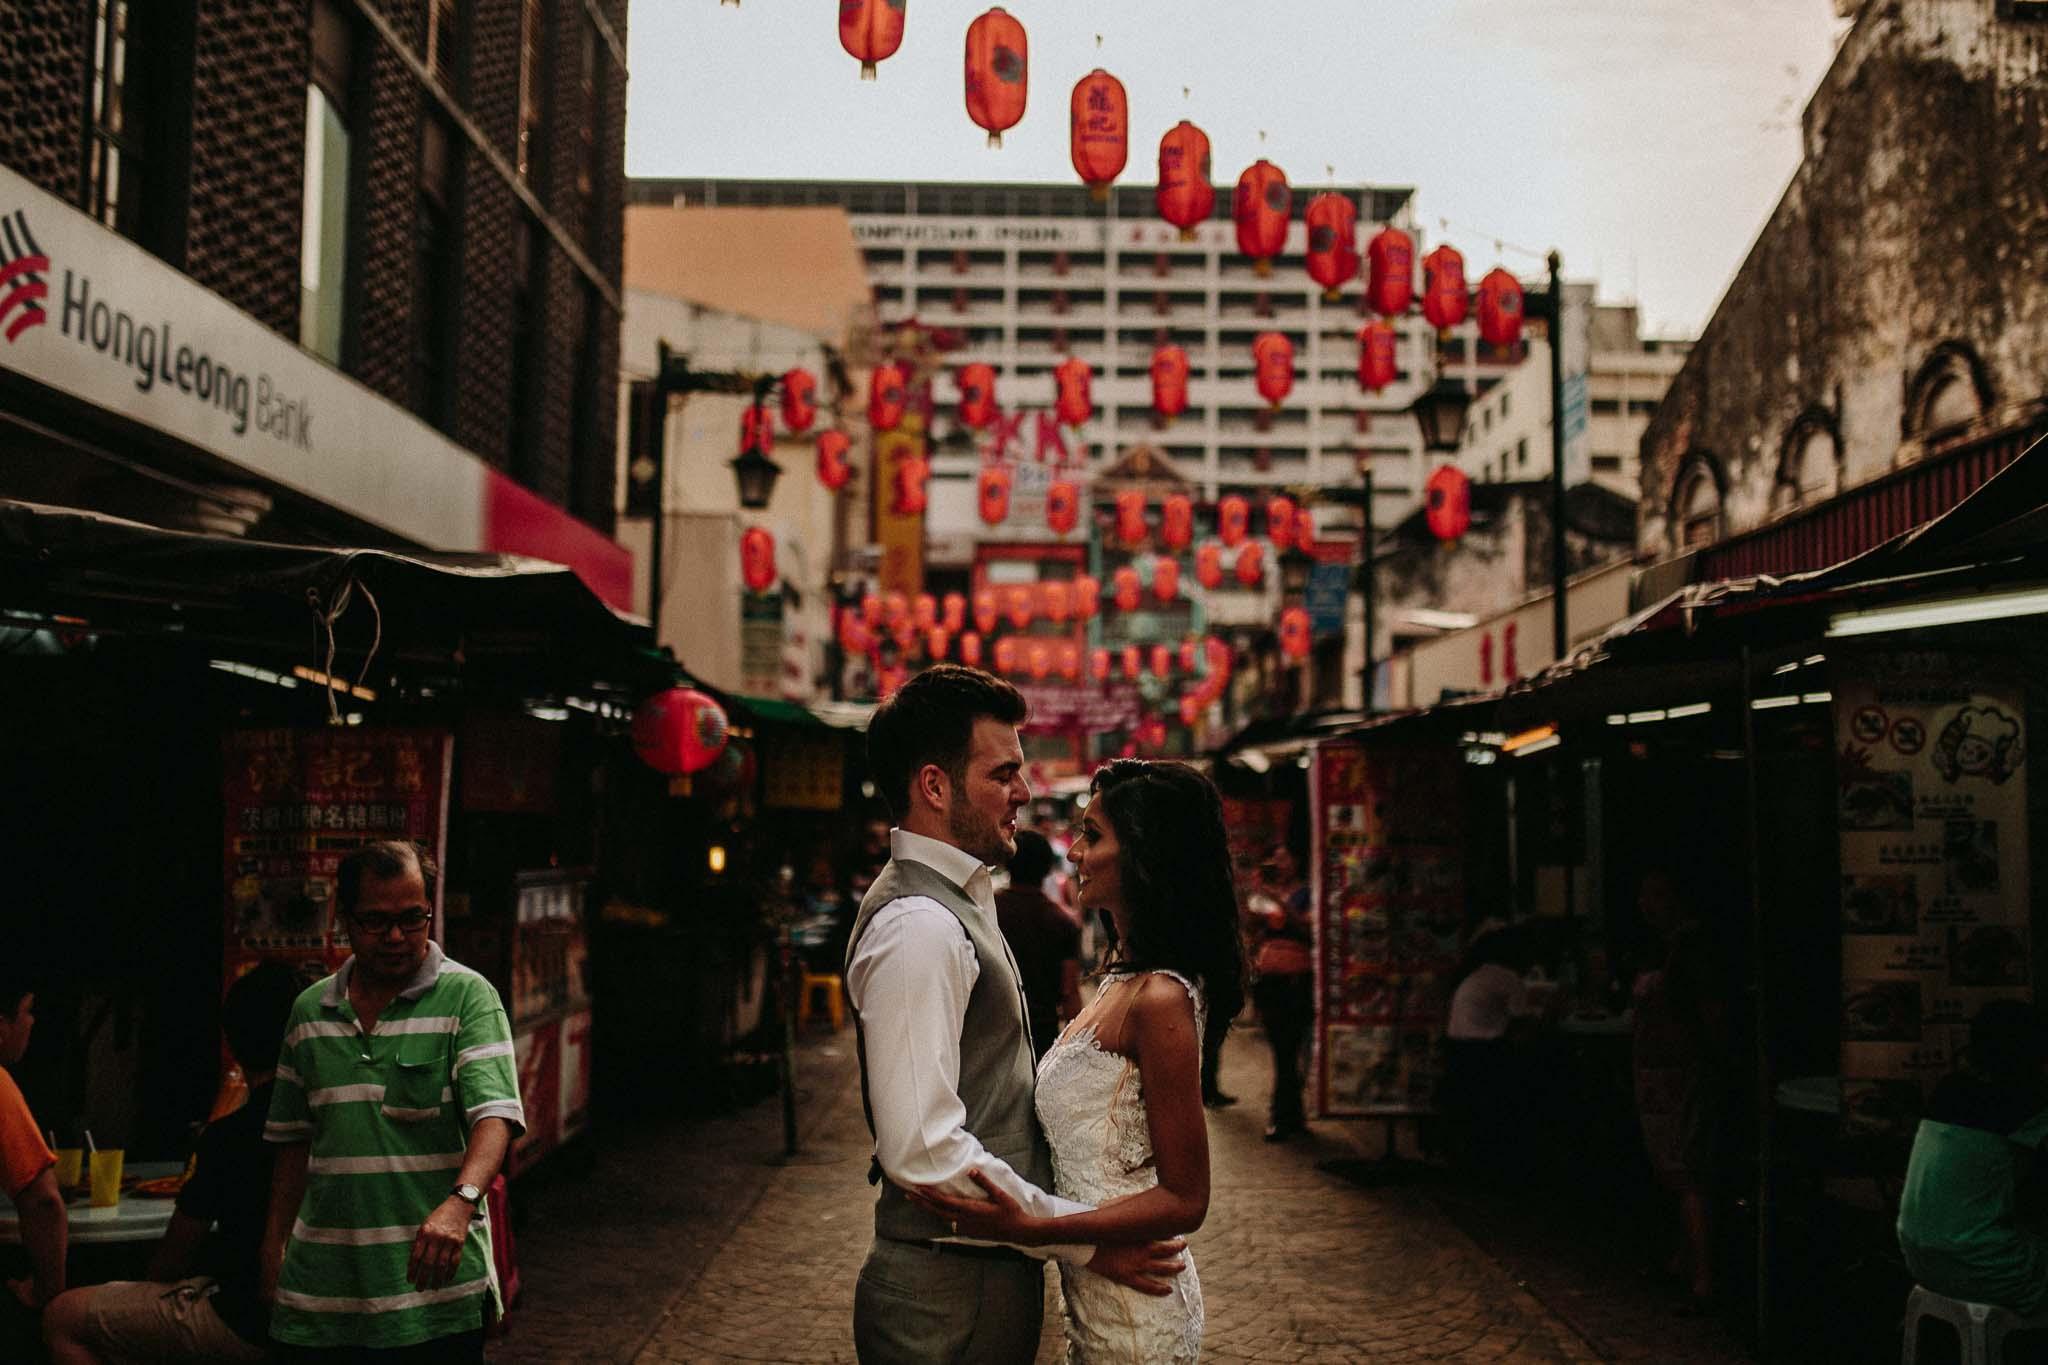 u&m-weddingsbyqay-lovesession-destinationweddingphotographer (37 of 160).jpg